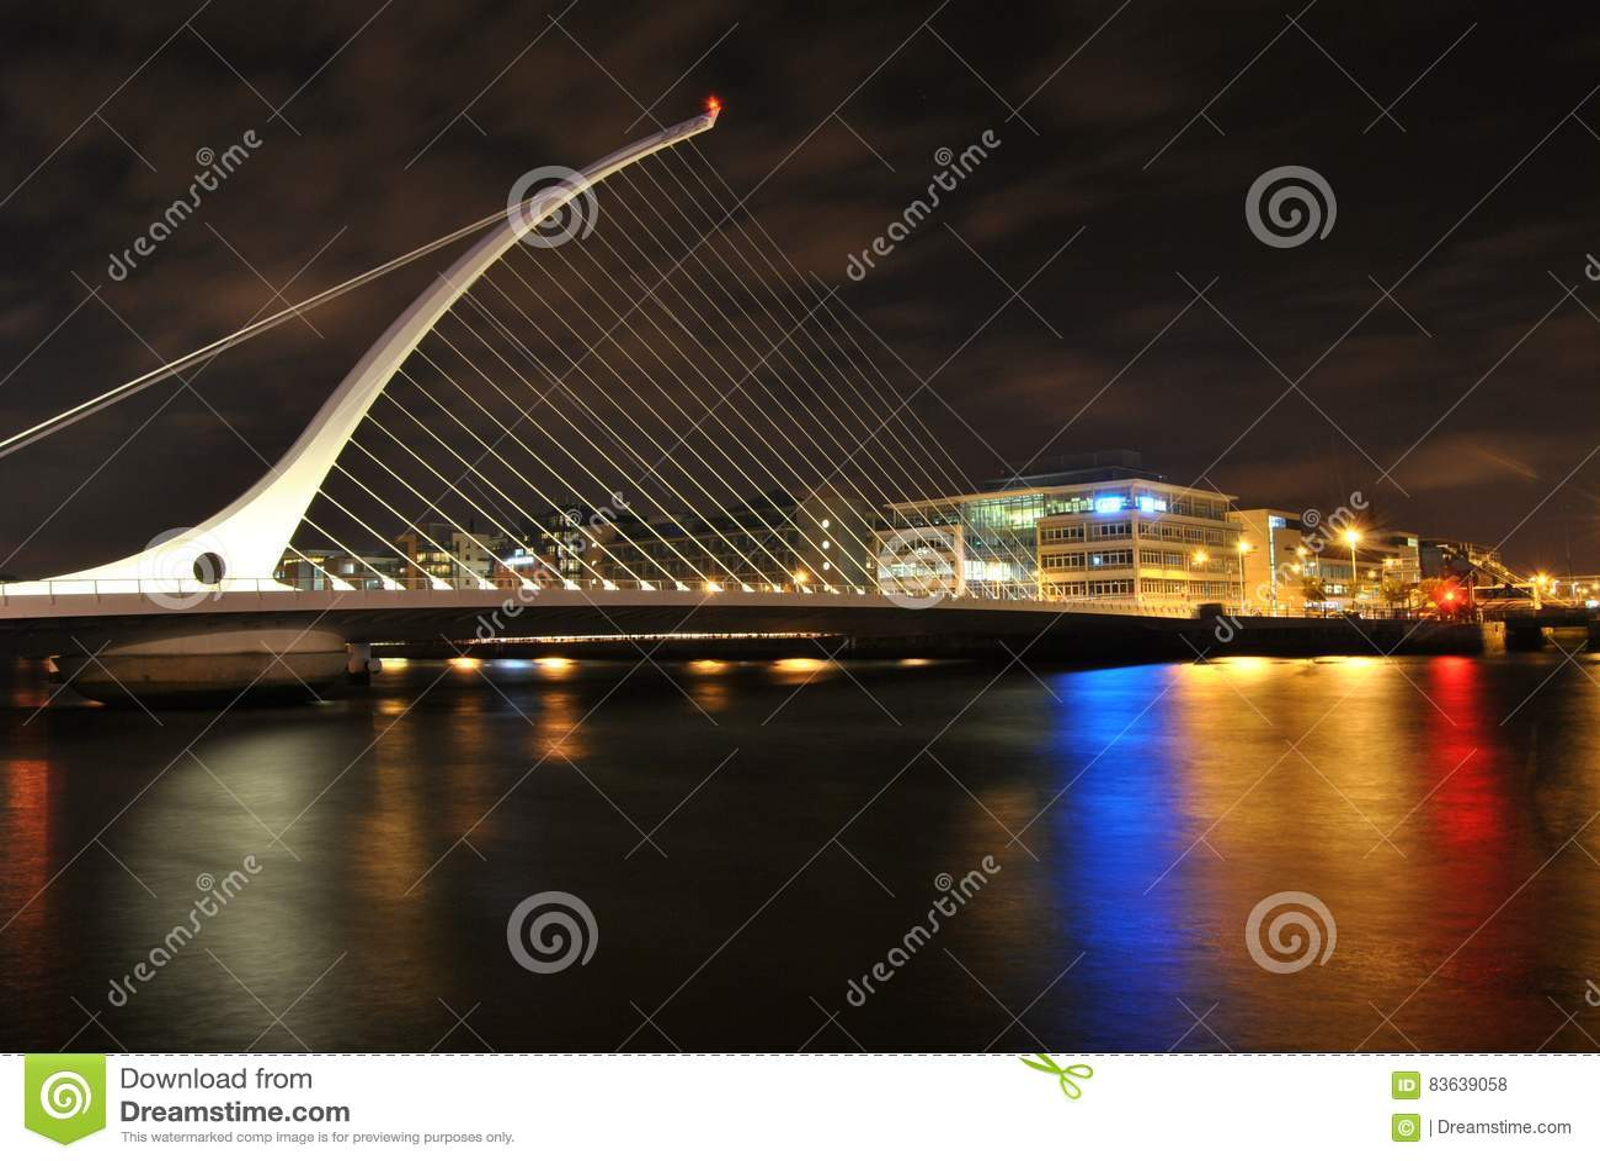 De brug van Samuel ` s Beckett bij nacht, het glanzen lichten van de kleuren in het water, Dublin, Ierland